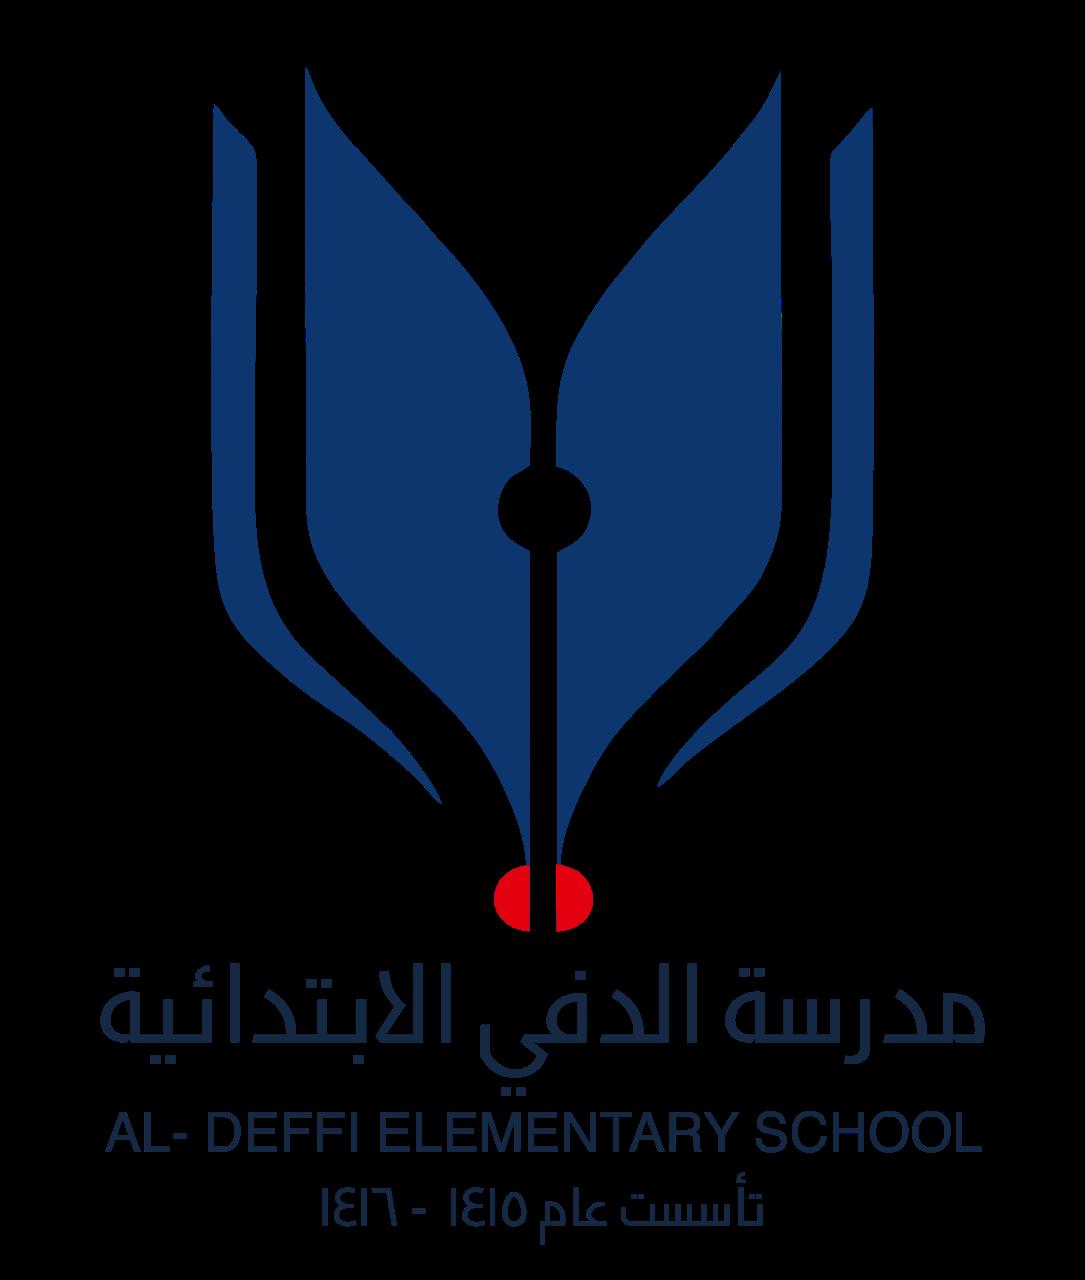 مدرسة الدفي الابتدائية